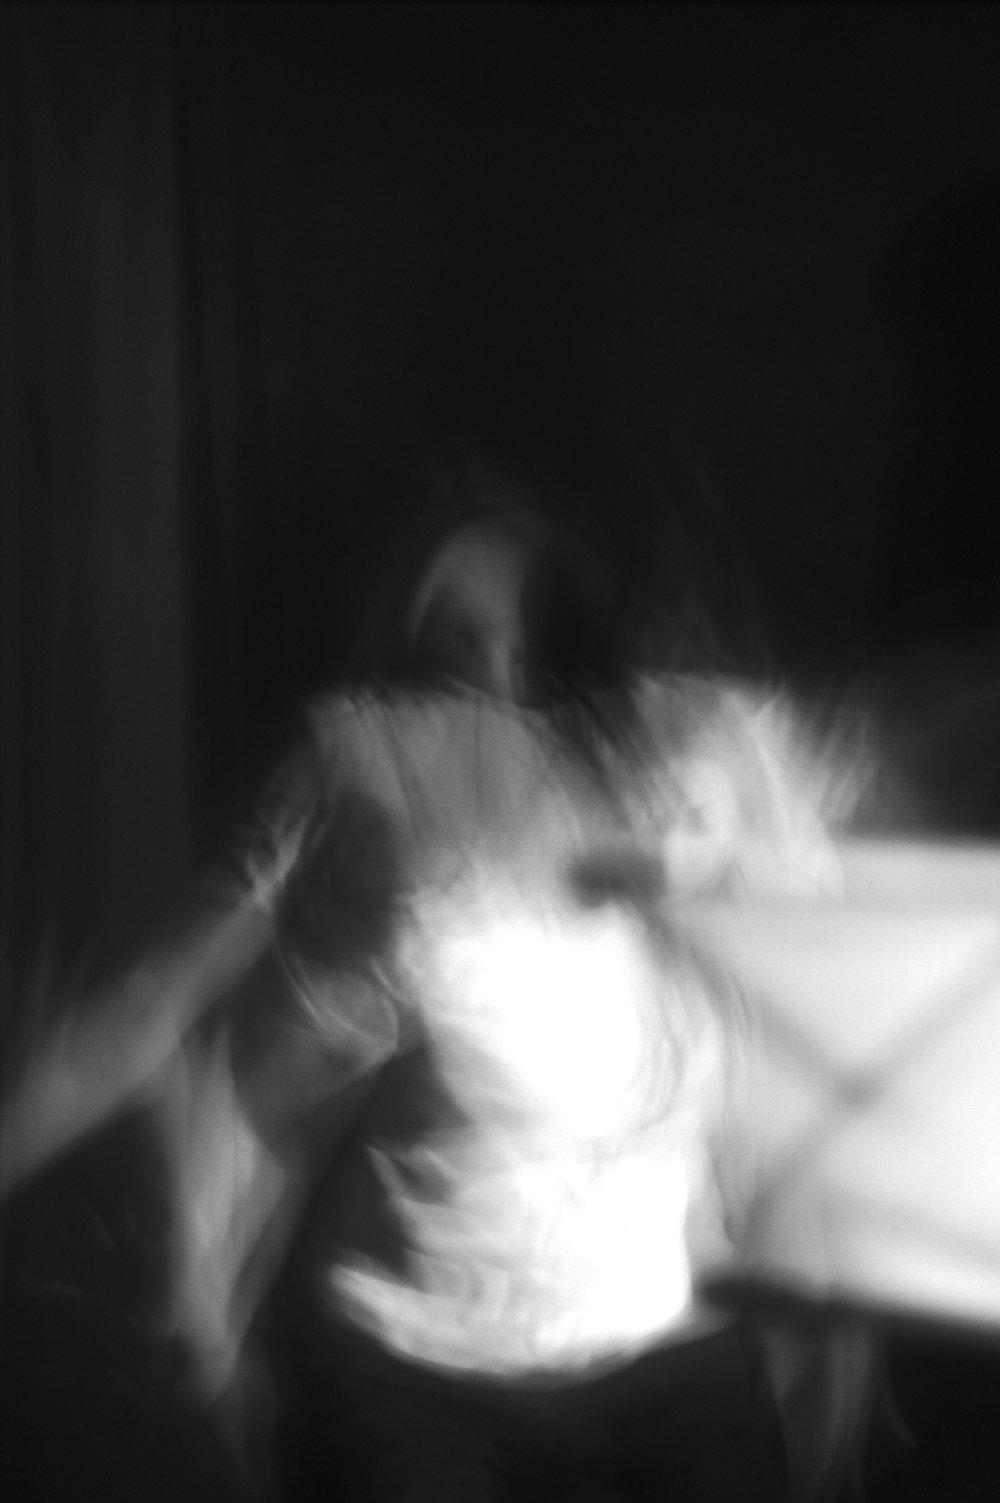 patricia-bigarelli-arte-contemporanea-fotografia2.jpg